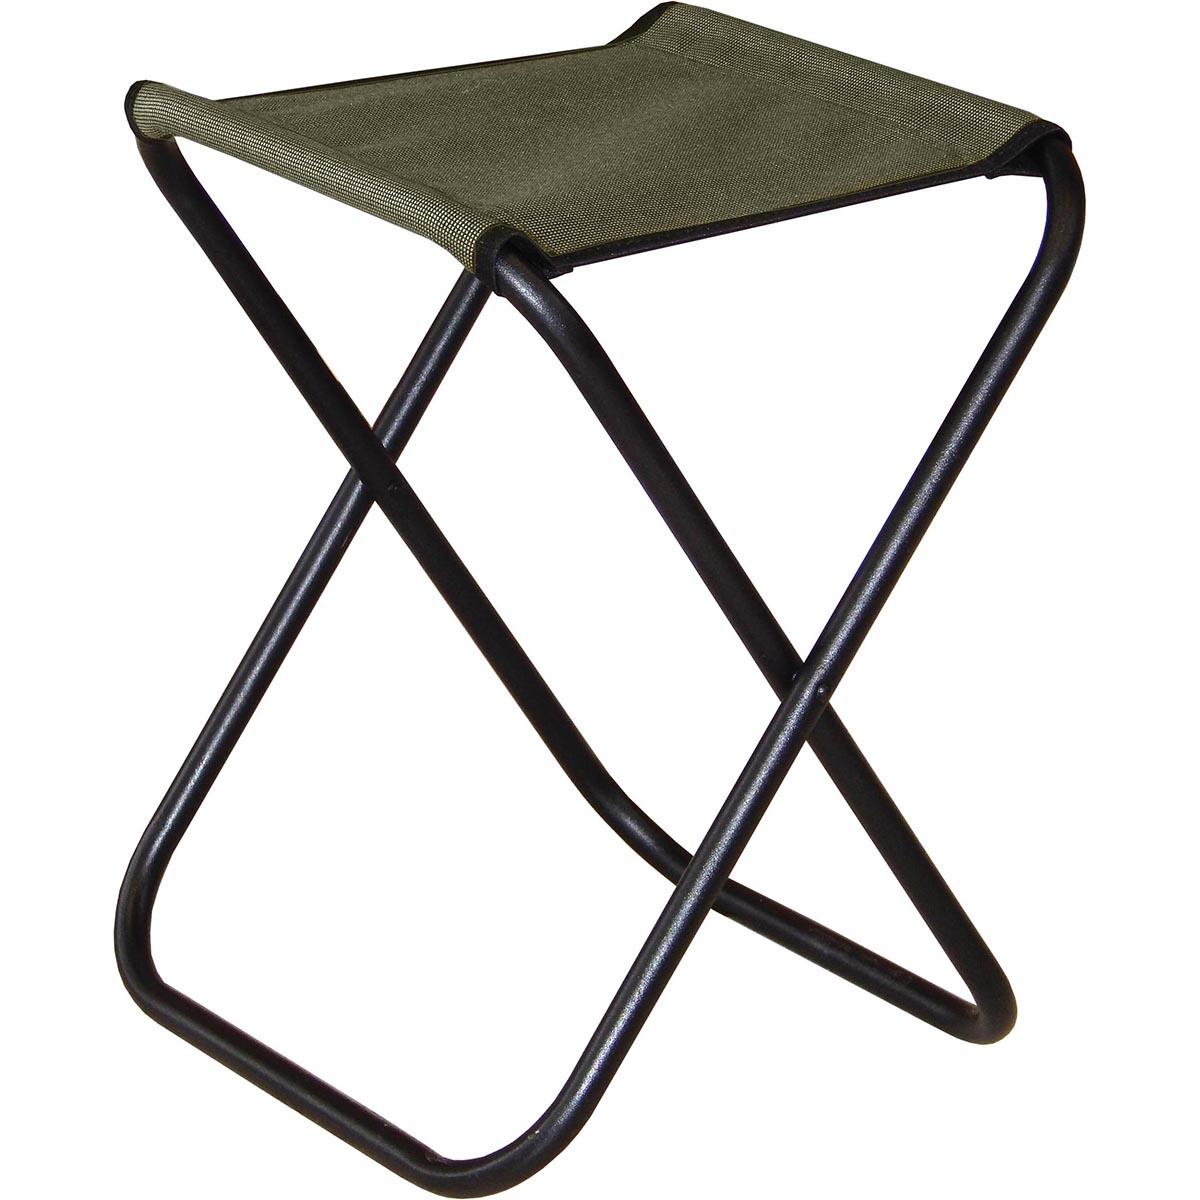 Табурет складной Greenell FS-4 R16, цвет: зеленый, черный95855-502-00Складной табурет Greenell FS-4 R16 - это незаменимый предмет походной мебели, который очень удобен в эксплуатации. Каркас табурета изготовлен из прочной и долговечной стали, устойчивой к погодным условиям. Сиденье выполнено из прочного полиэстера. Табурет легко собирается и разбирается и не занимает много места, поэтому подходит для транспортировки и хранения дома. Складной табурет прекрасно подойдет для комфортного отдыха на даче или в походе.Размер сиденья: 29 х 26 см.Высота табурета: 41 см.